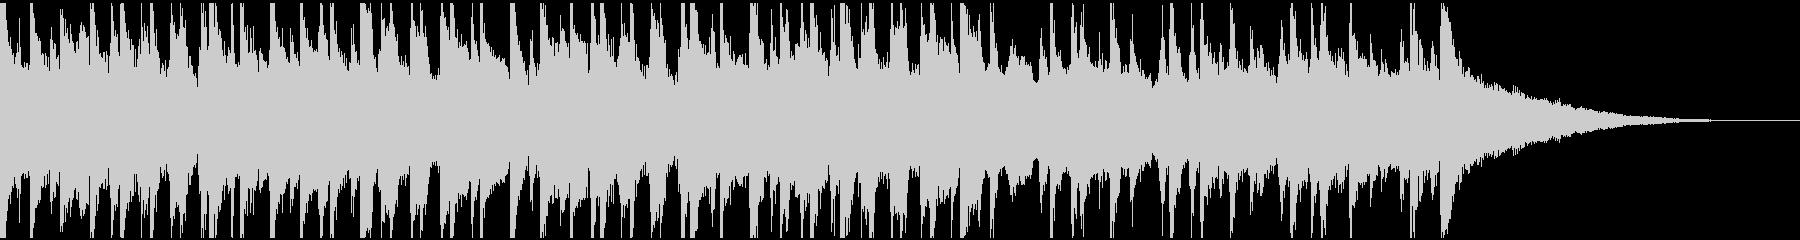 30秒ウクレレ、リコーダーの楽しい楽曲の未再生の波形